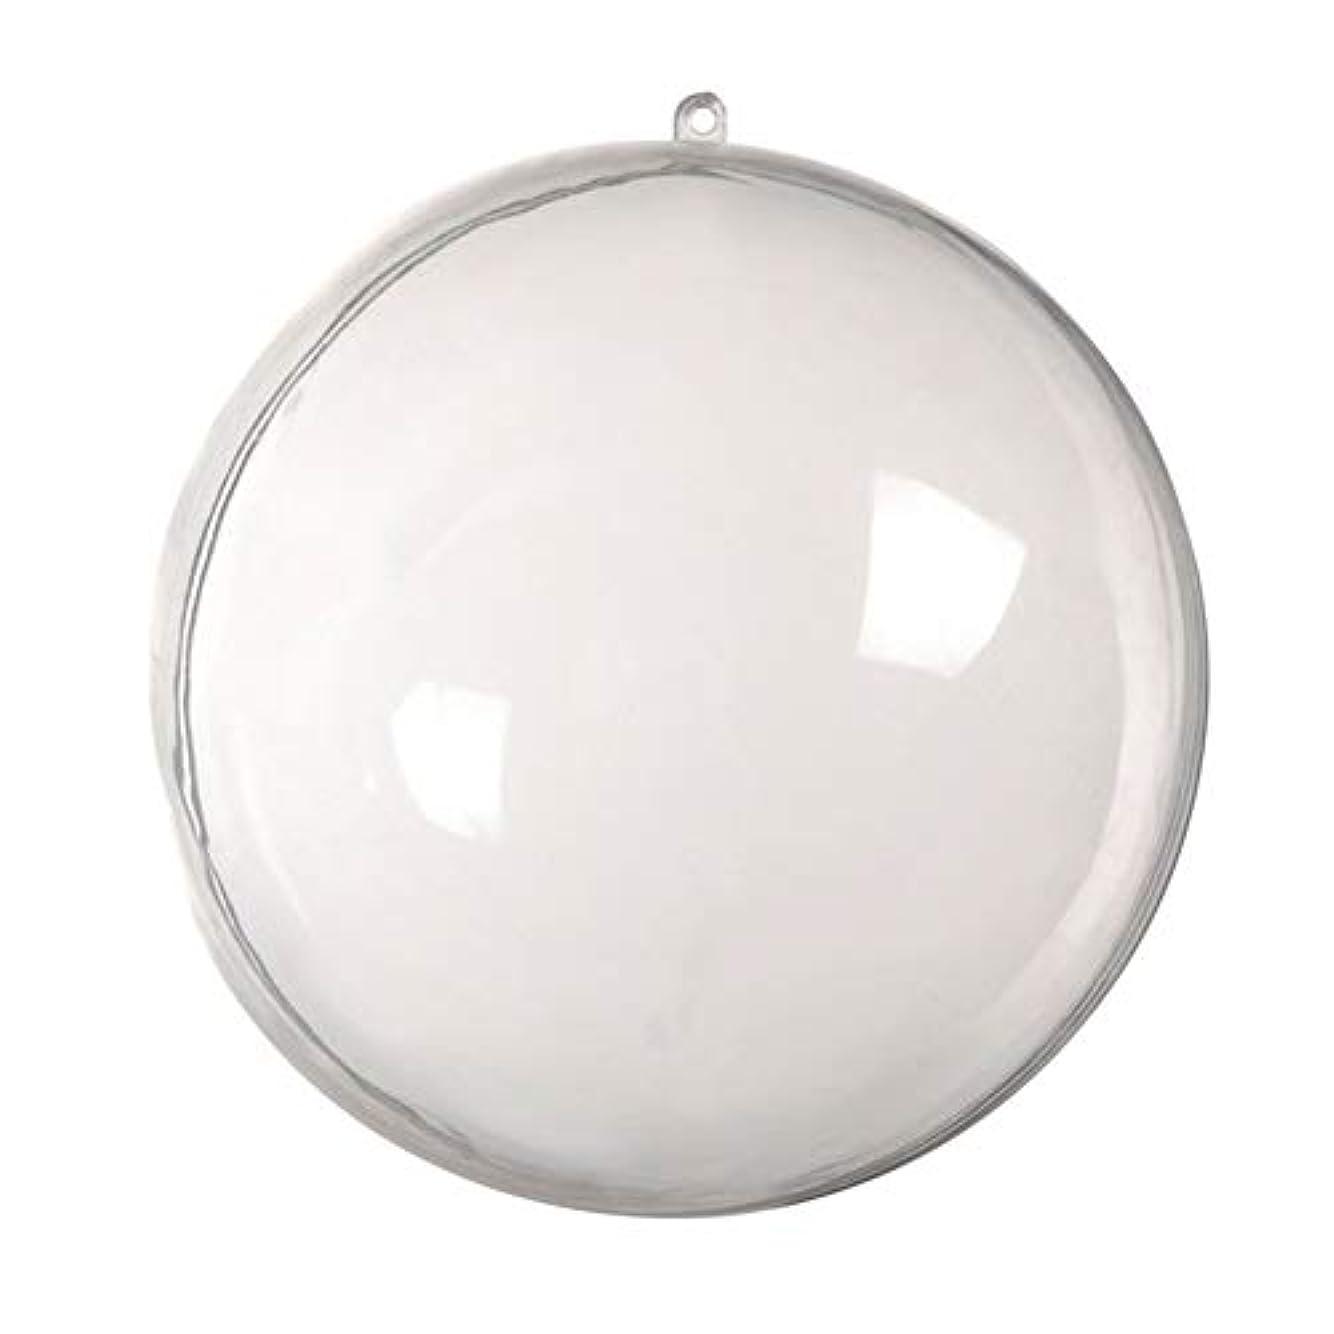 くつろぐタイトル年金受給者アリガドクリアプラスチッククリスマスボール、クリア透明ボール、球充填クリスマスツリー飾りDIYクラフトつまらない飾り(5個)